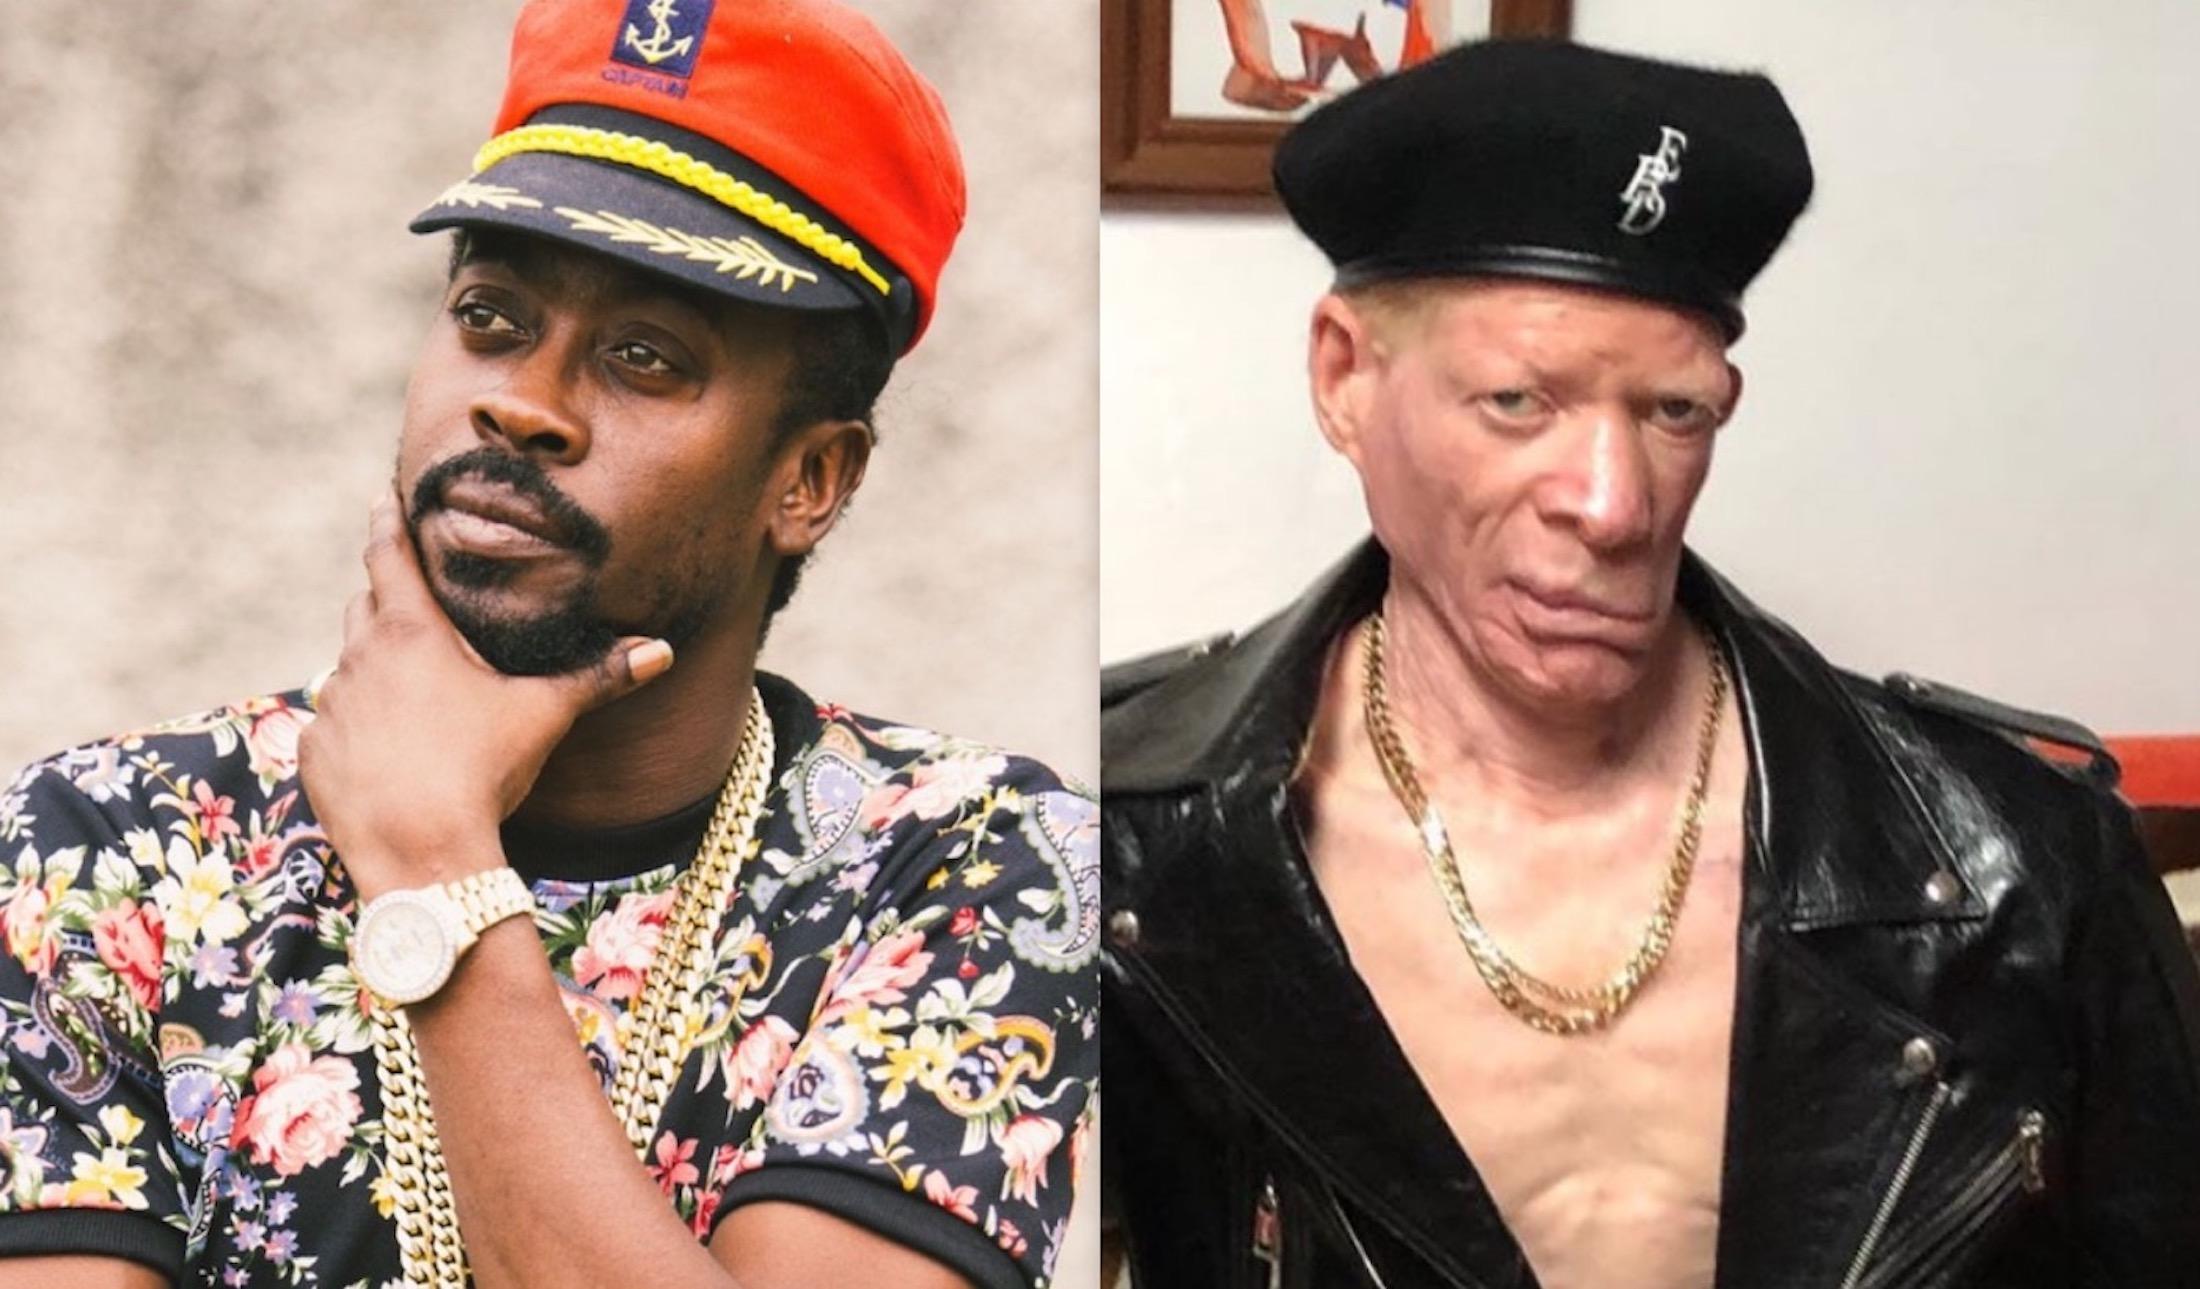 """Dancehall Legend Yellowman Blast Beenie Man For Remaking  """"Zungguzungguguzungguzeng"""" Classic - Urban Islandz"""